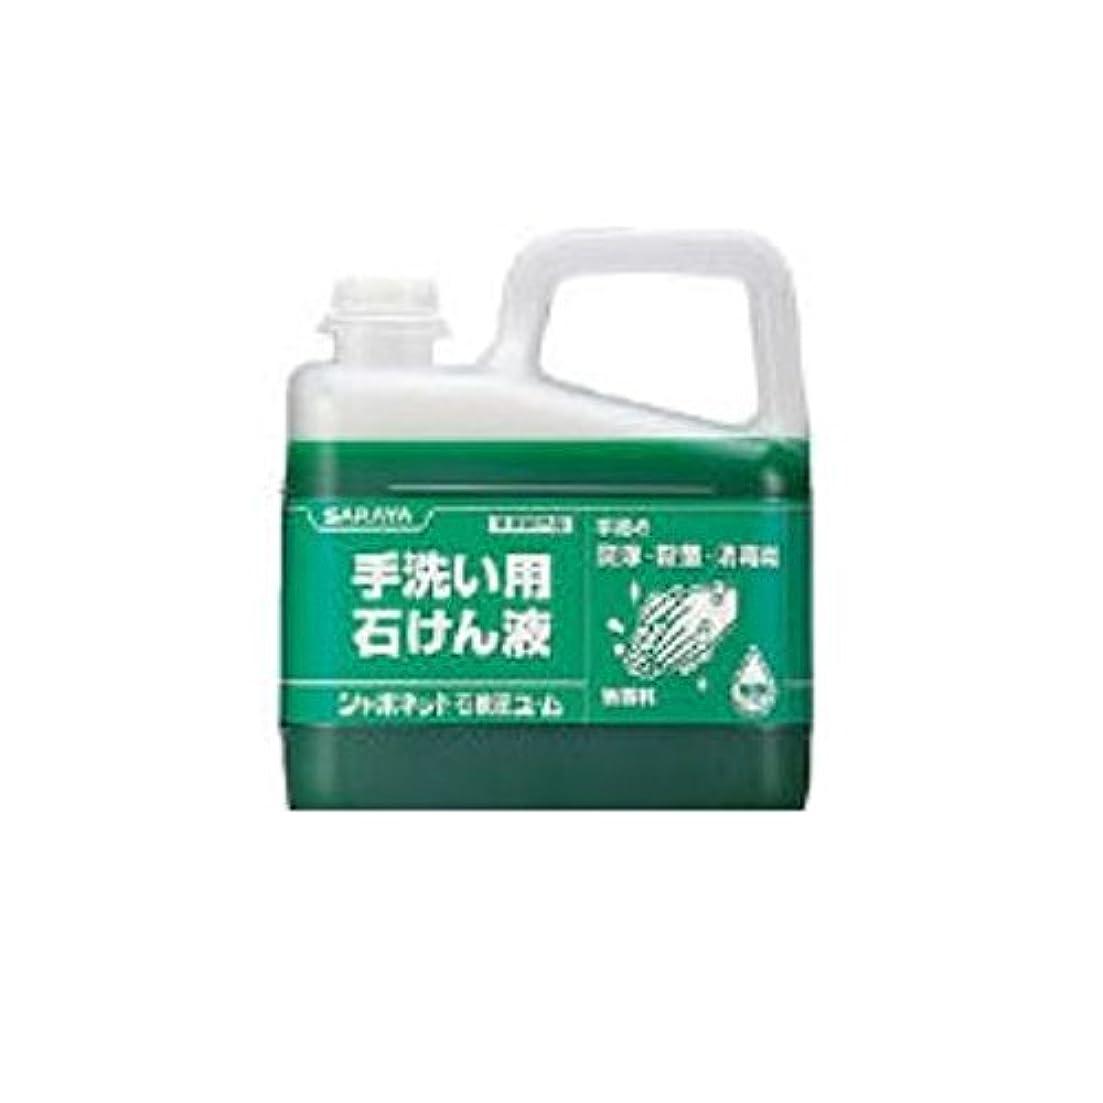 主権者偏見マイクロFU50524 ハンドソープ シャボネット石鹸液ユ?ム 5kg